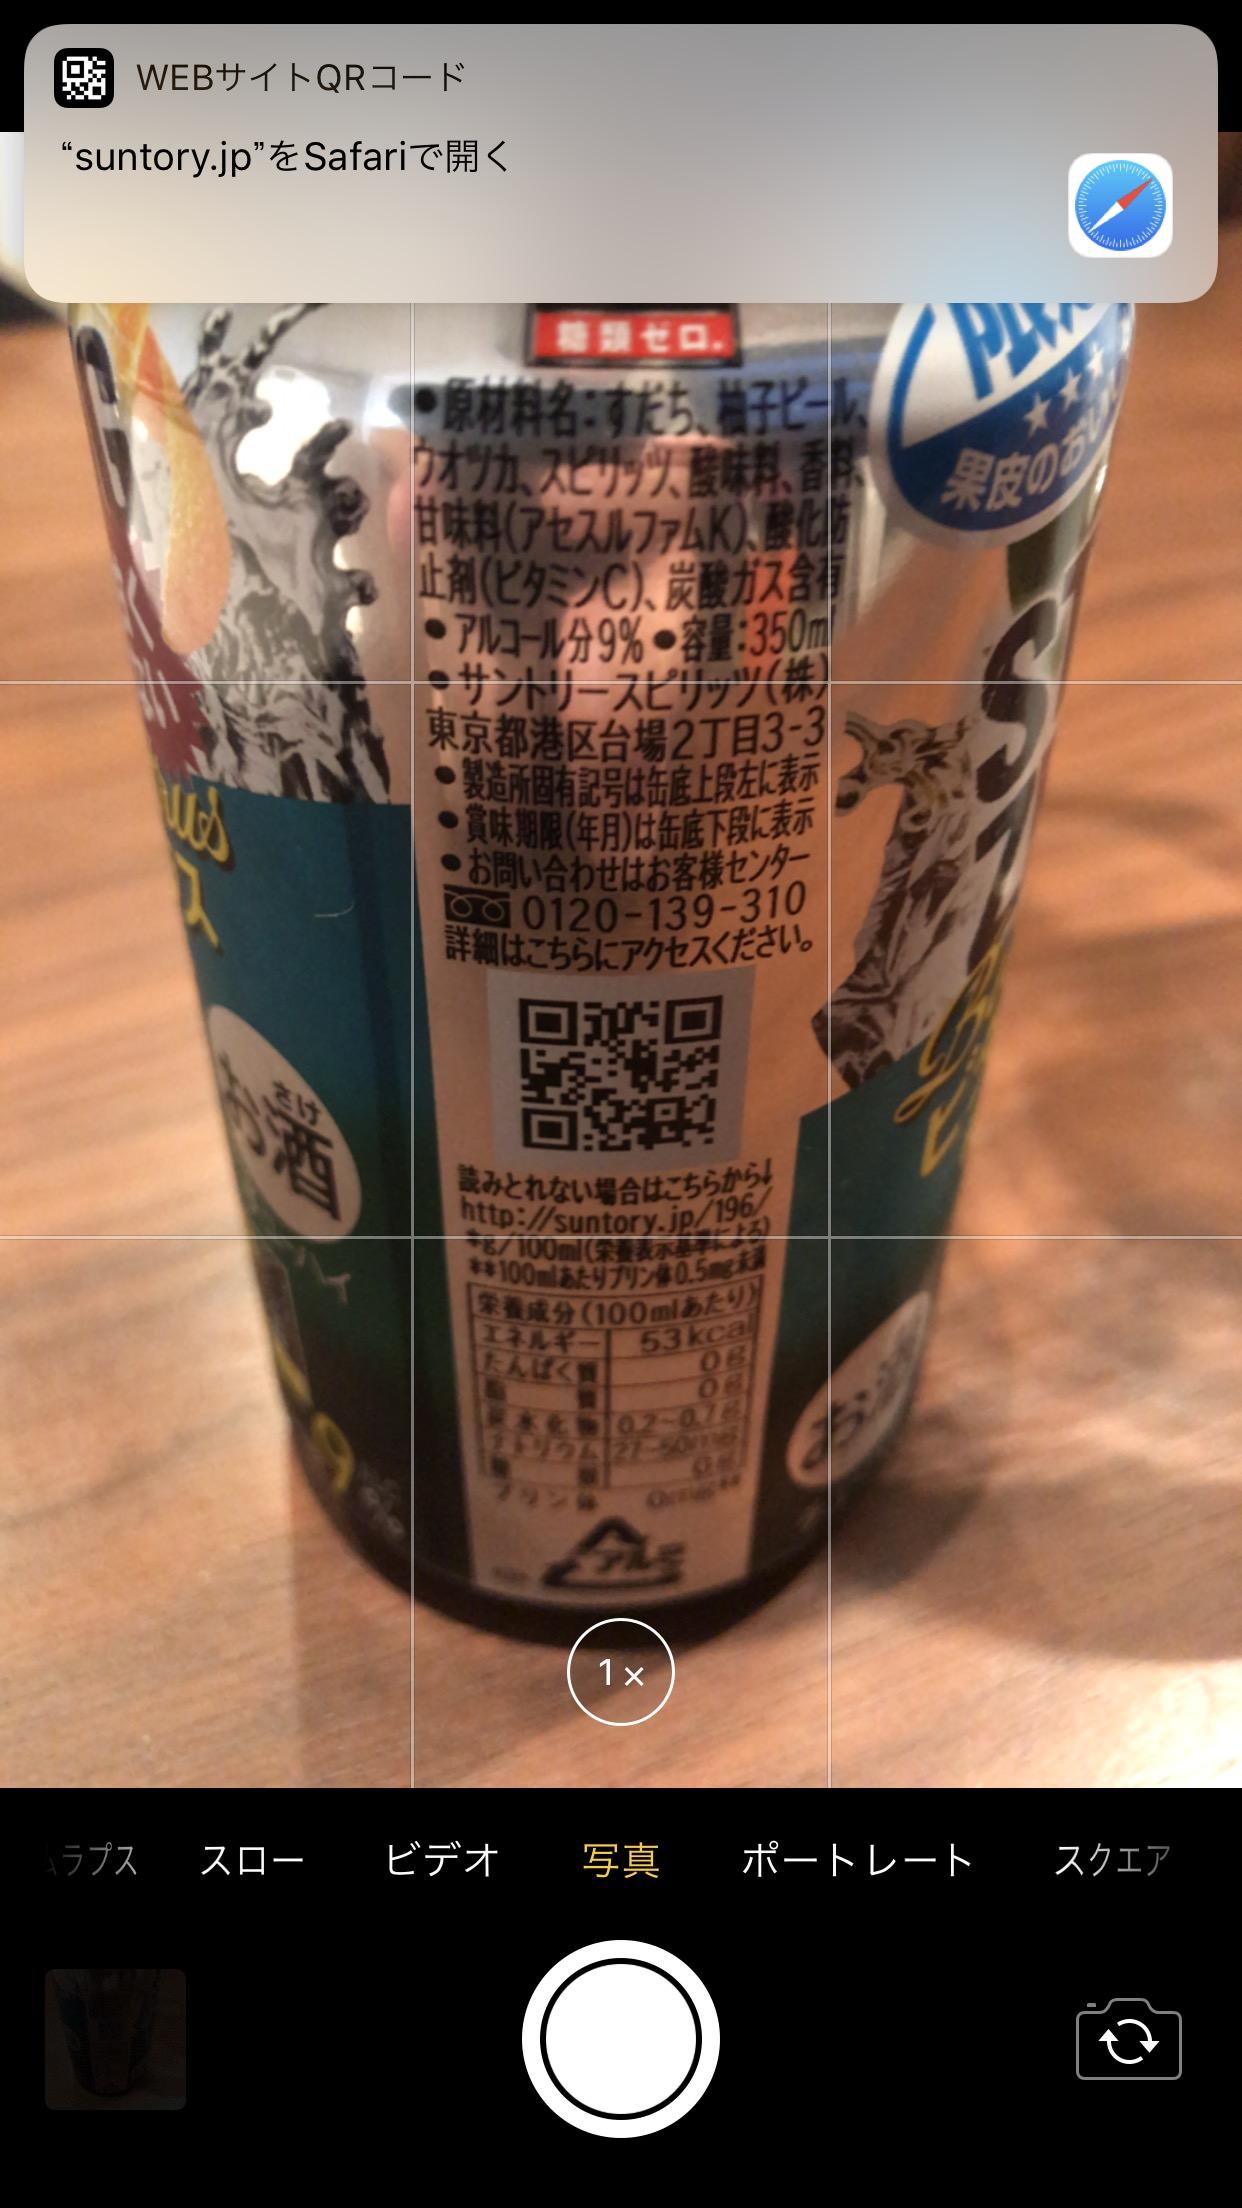 Ios11 qr code 7577